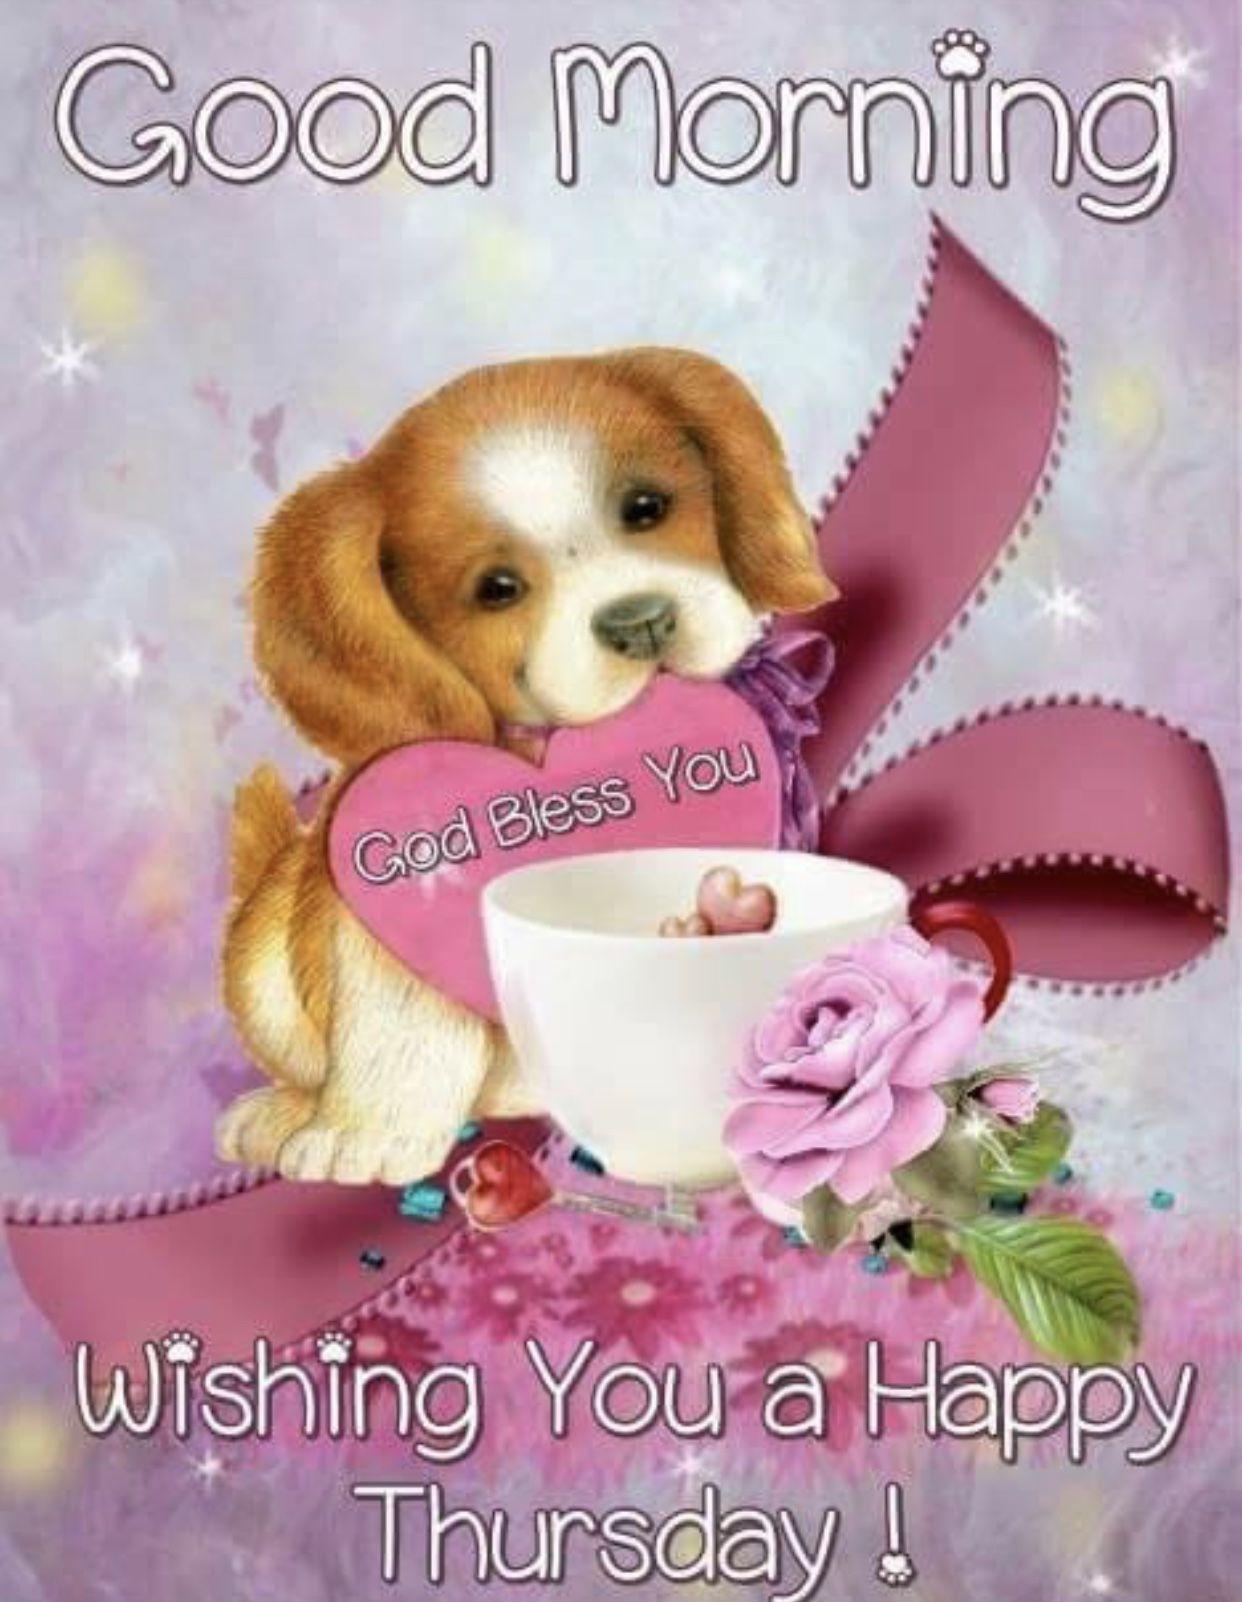 Good Morning Thursday Blessings Greetings Good morning